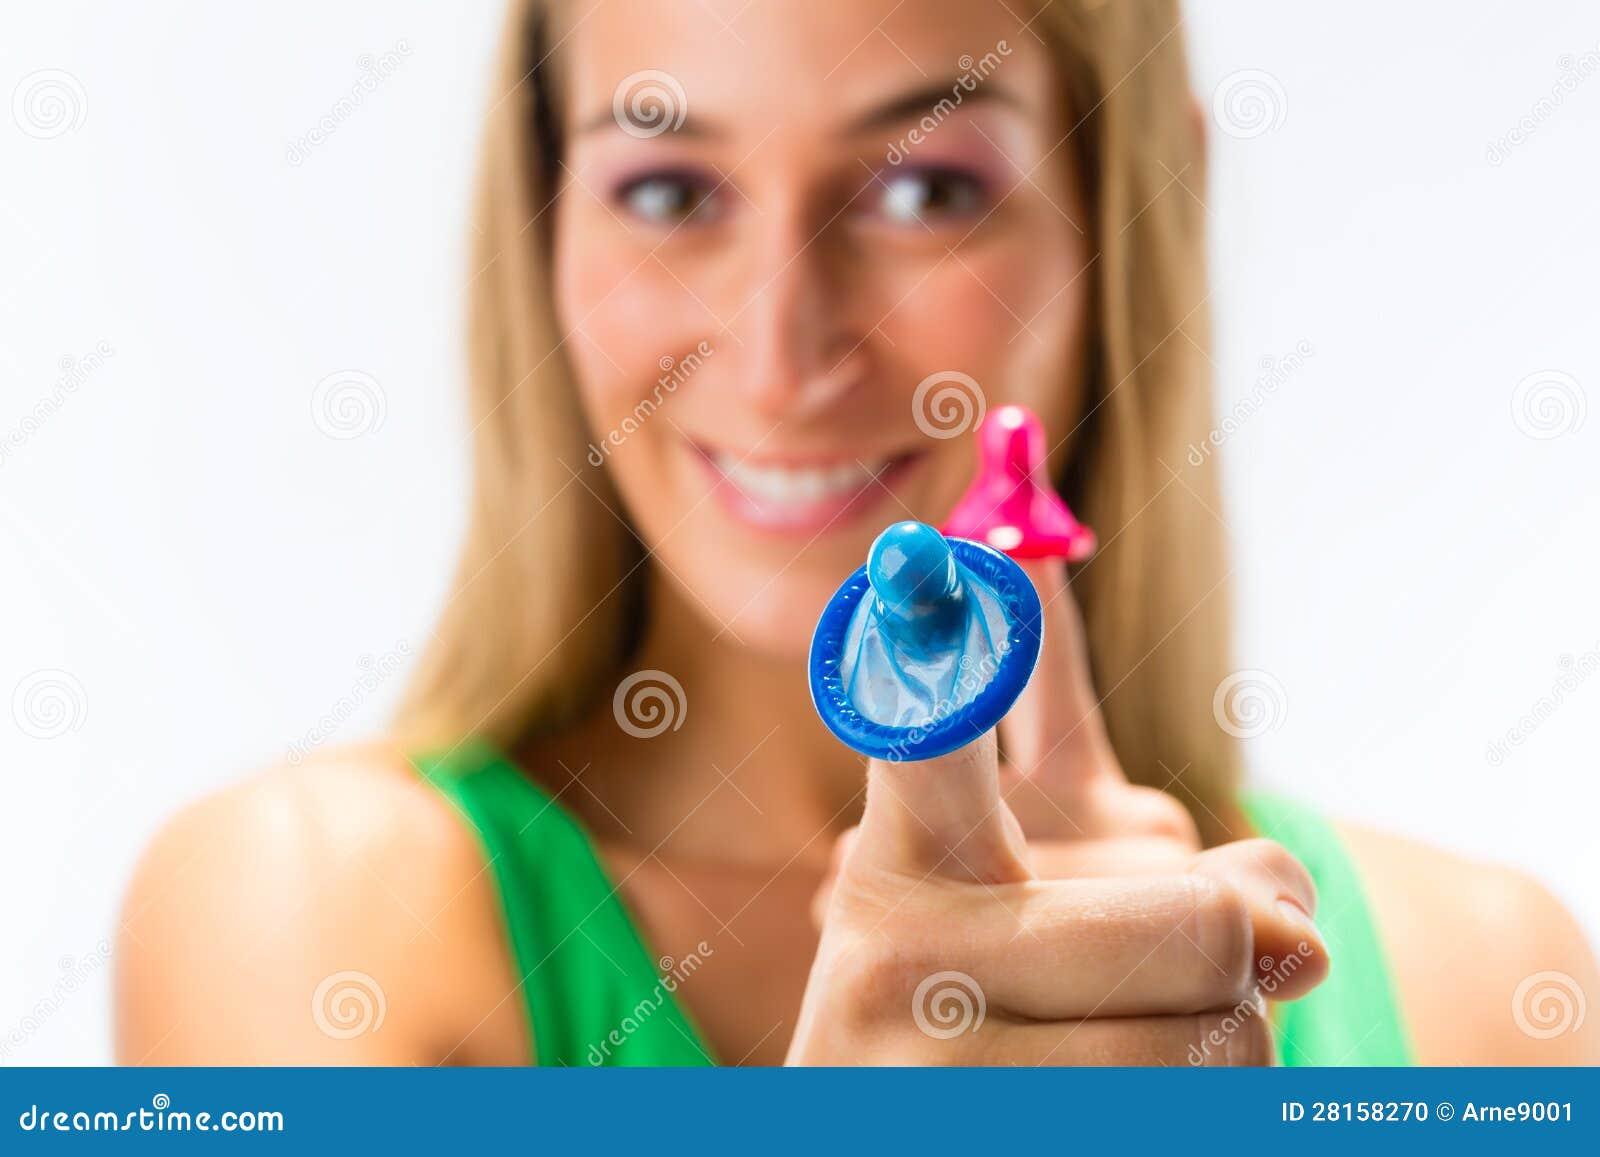 Чем вреден презерватив для женщин, Вредны ли для женщин презервативы или это лучший 26 фотография